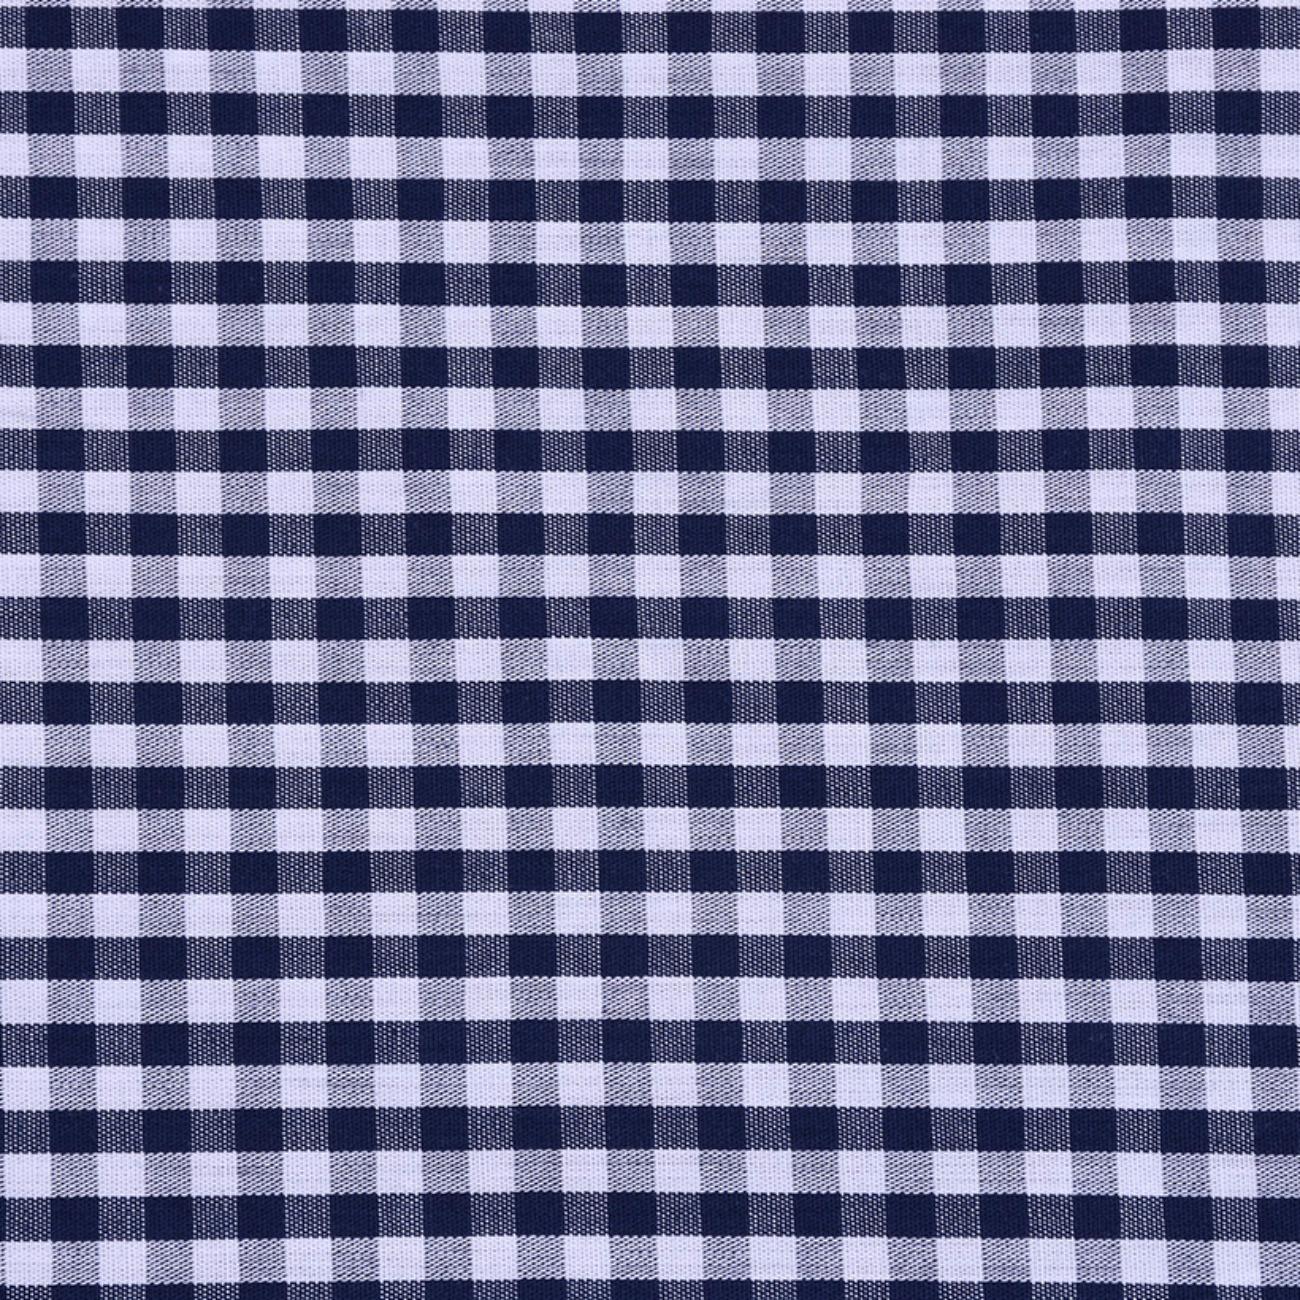 现货格子梭织色织低弹朝阳格 衬衫 连衣裙 短裙 棉感 80407-1